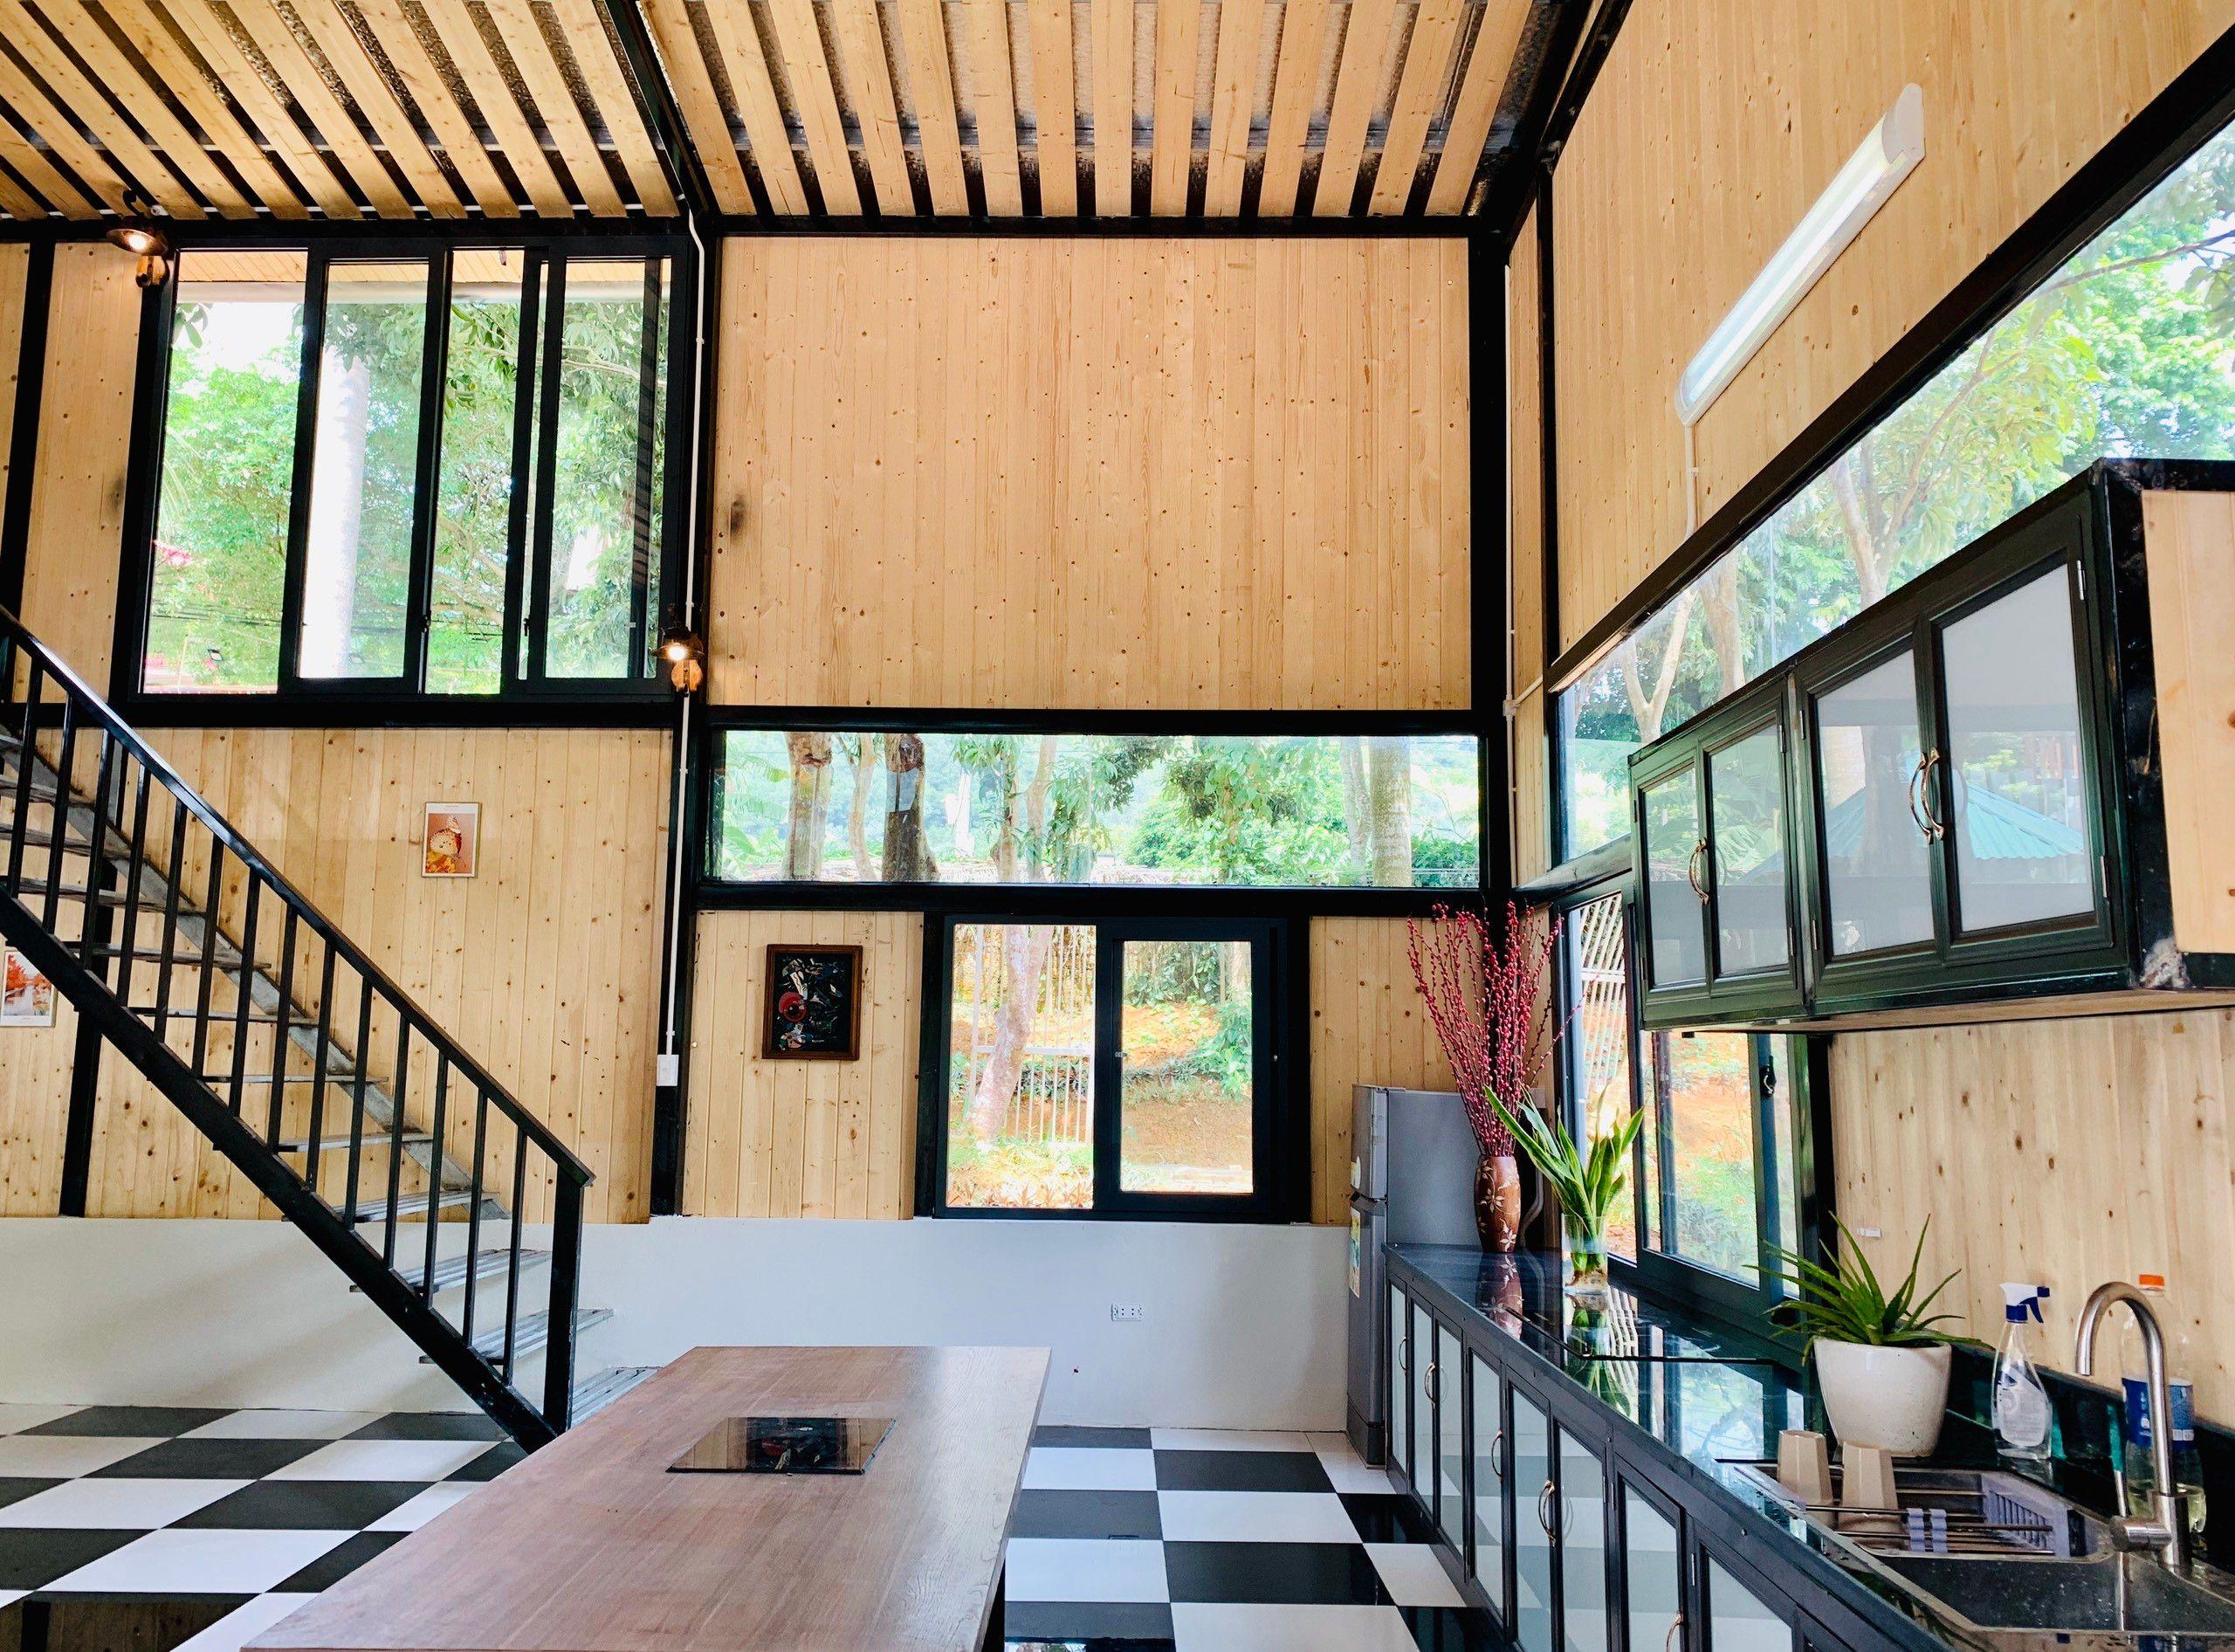 phong bep venus an garden retreat homestay thach that ha noi